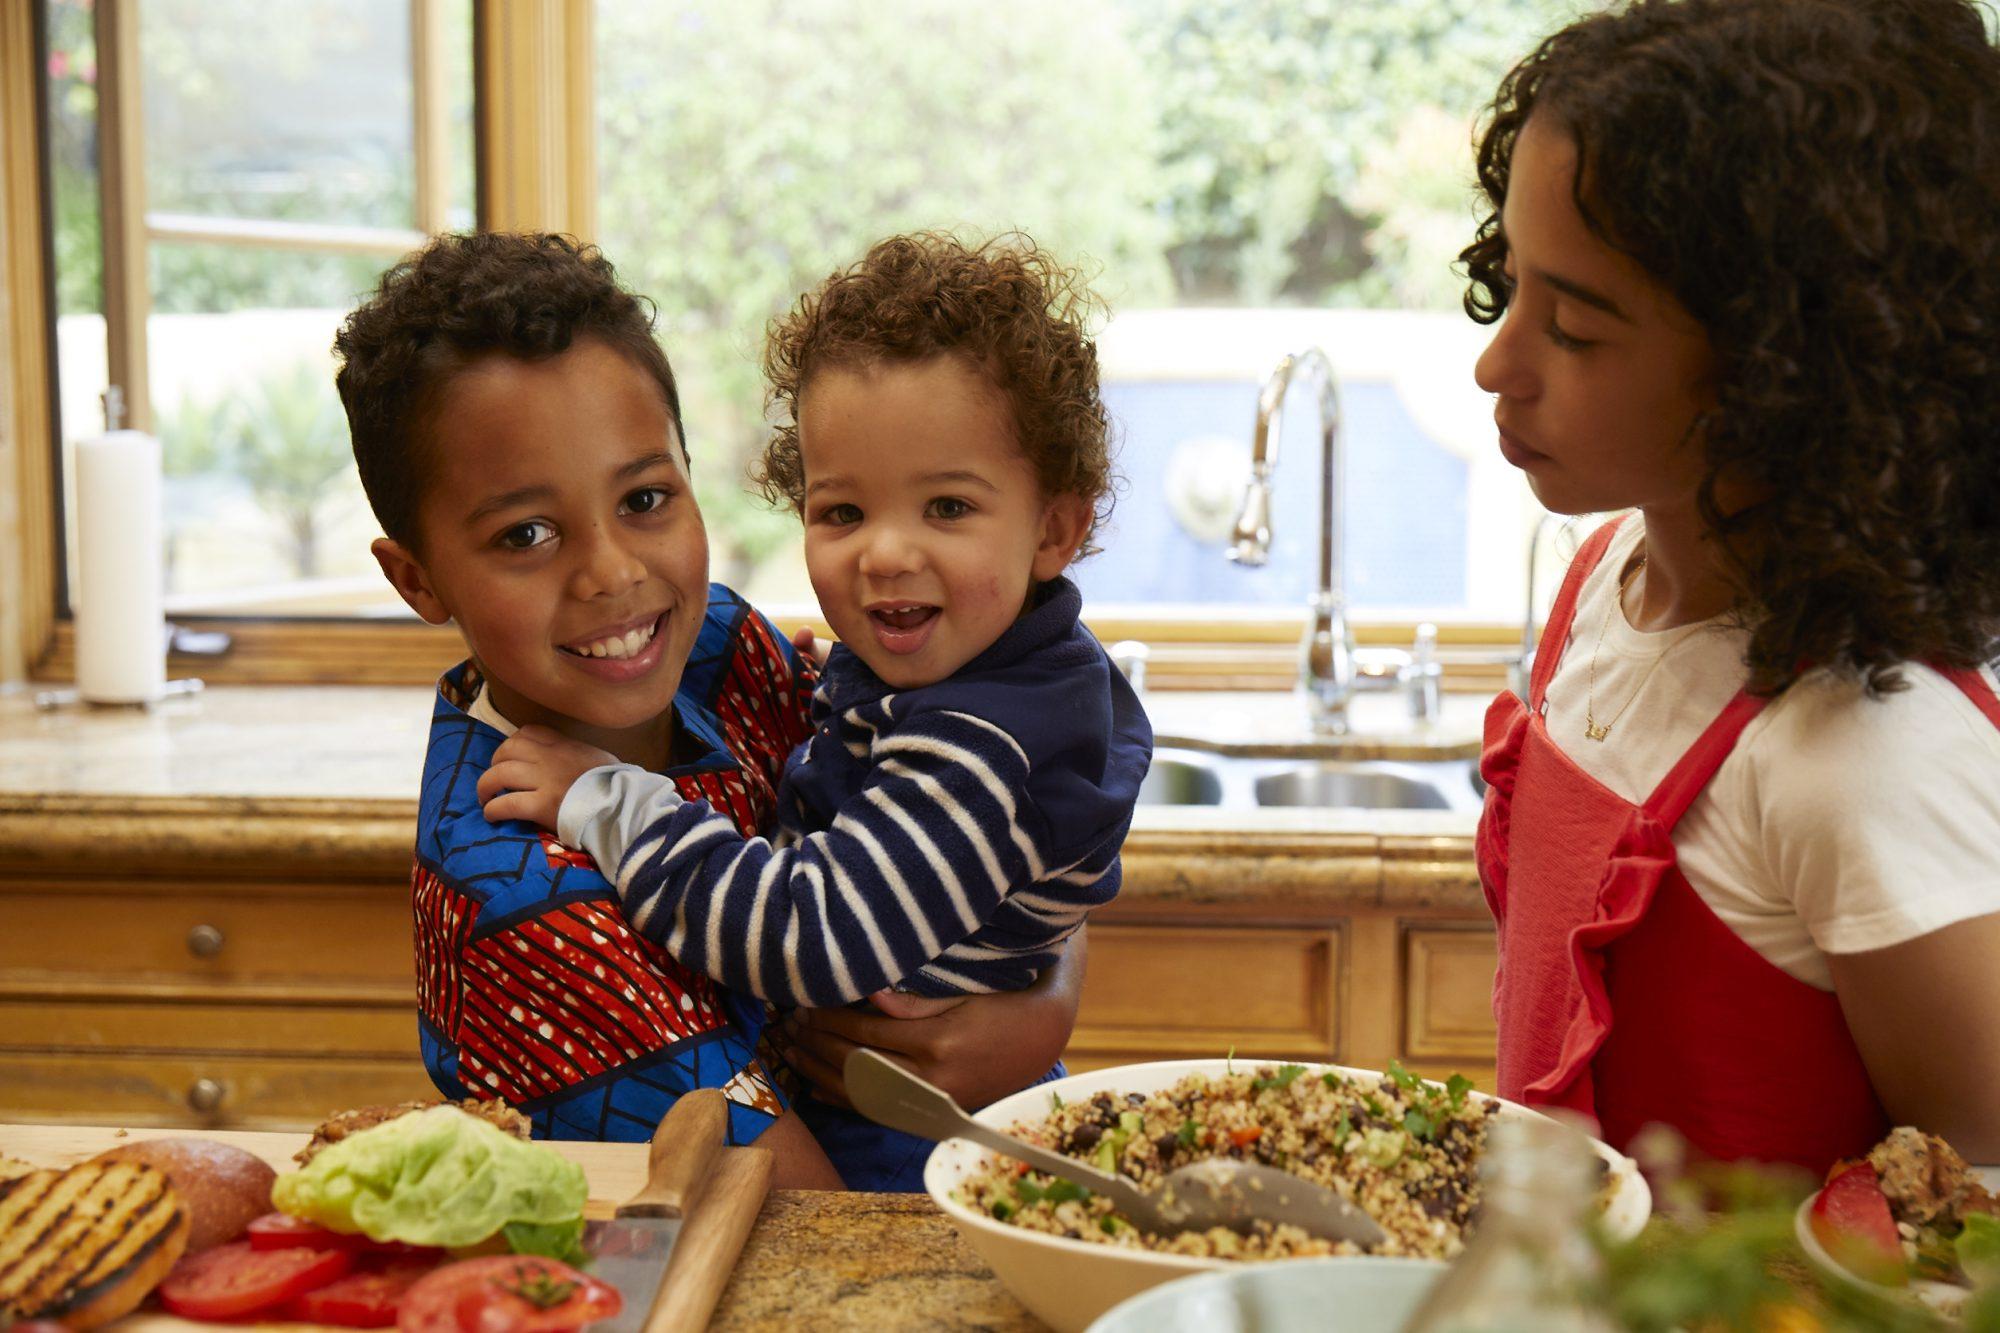 180312_am_rr_ziggymarley_kitchen_0422.jpg